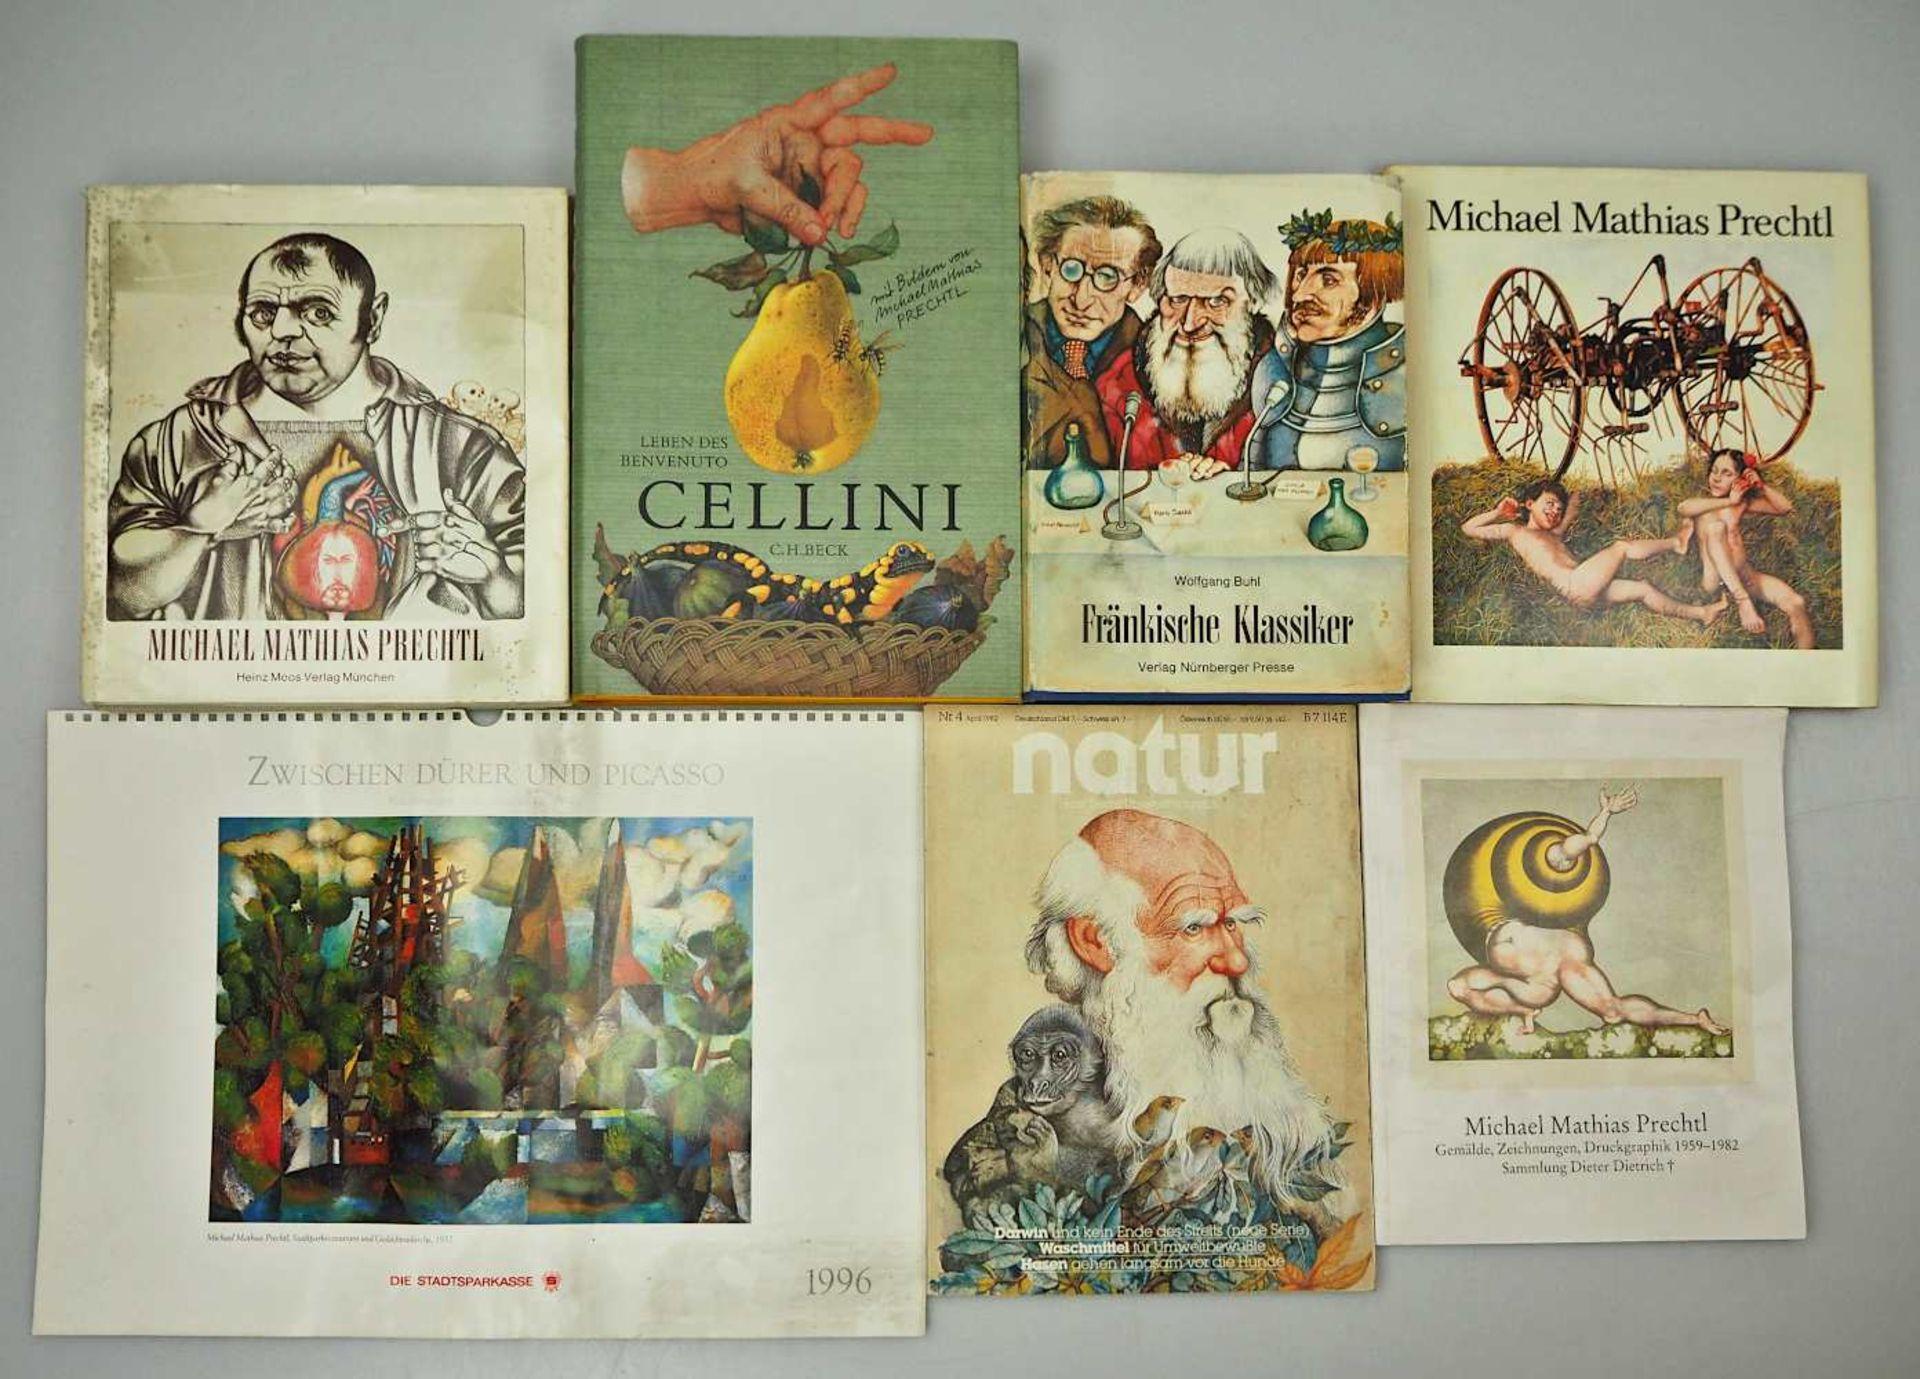 1 Sammlung Kunstbücher mit dem Schwerpunkt Michael Mathias PRECHTL (wohl 1926-2003) z.T. mit Or - Bild 7 aus 11